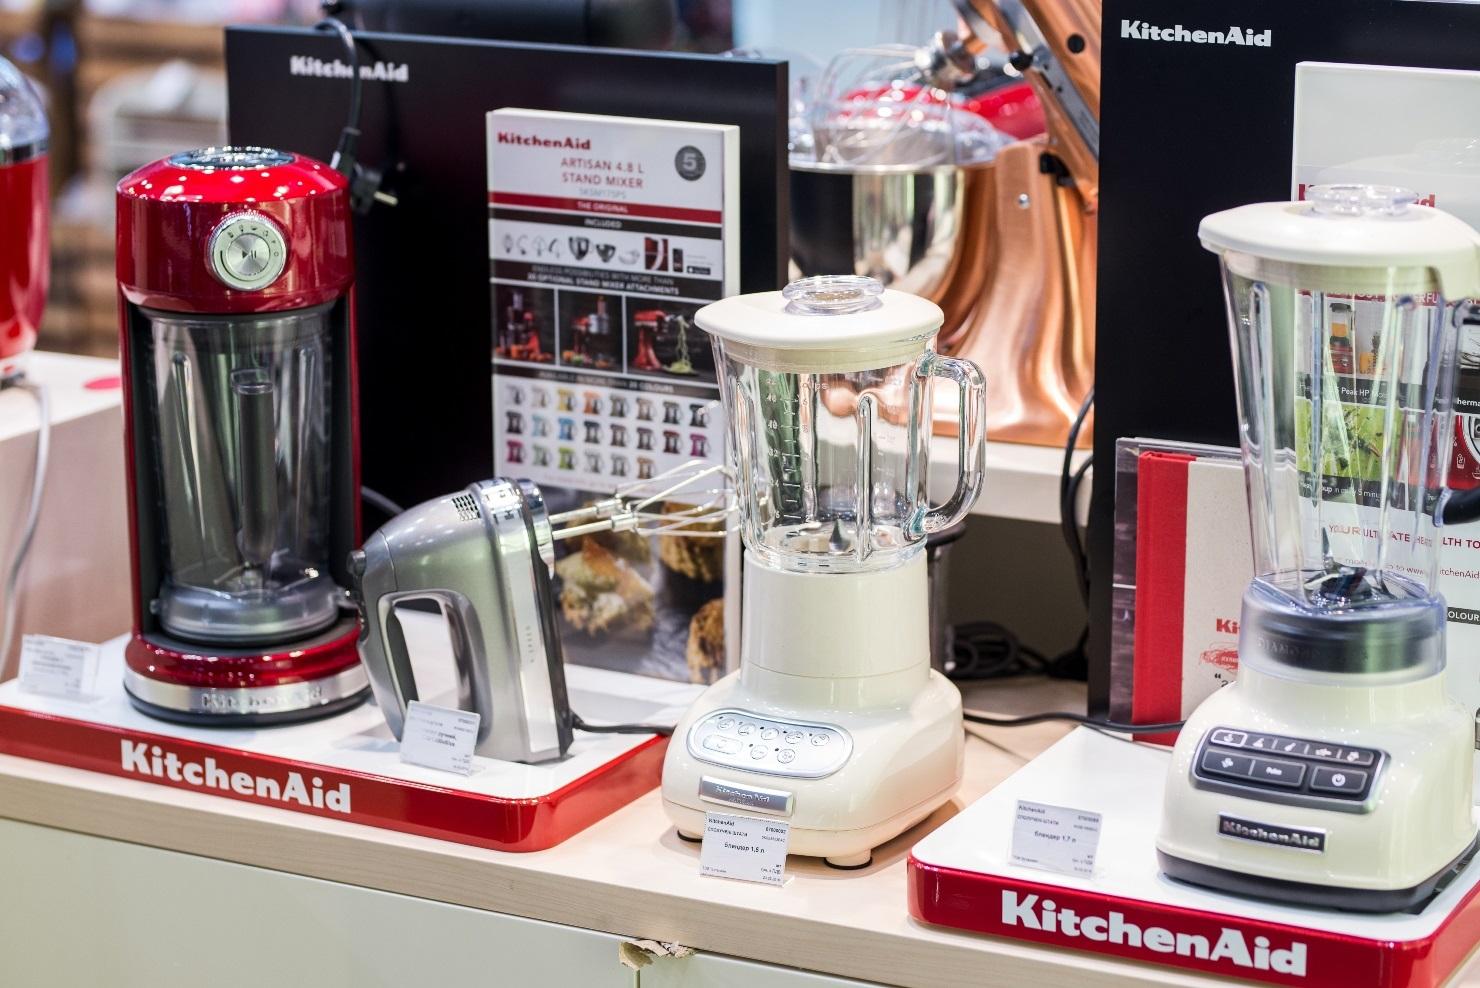 Блендер с электромагнитным приводом KitchenAid Artisan, объем чаши 1,75 л, карамельное яблоко KitchenAid 5KSB5080ECA фото 6